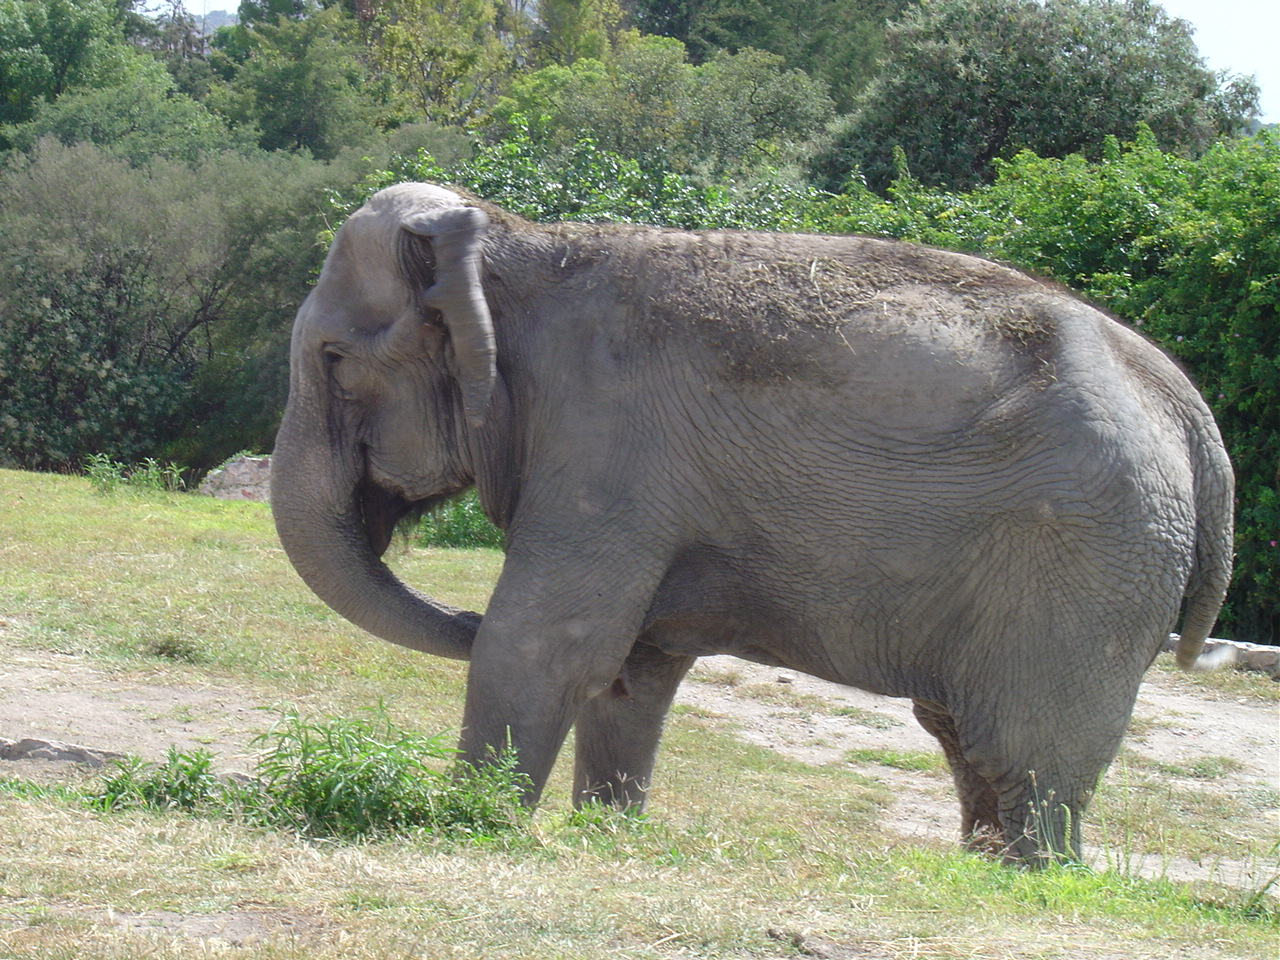 animales terrestres - photo #17